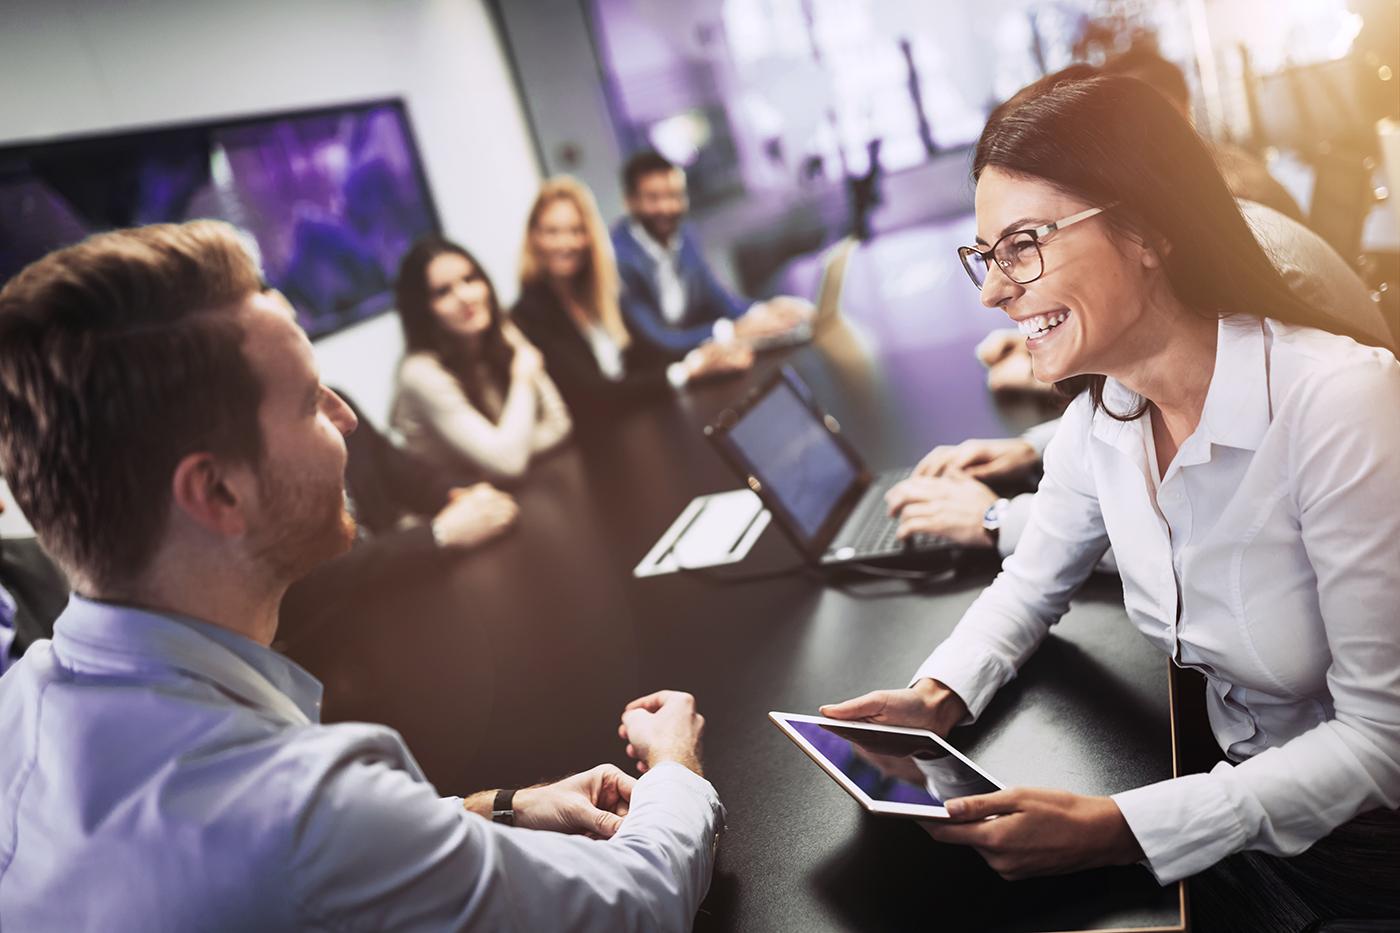 Utbilda med hjälp av varierade lärmiljöer. Perfekt för dig som exempelvis arbetar på ett utbildningsföretag eller som utbildande konsult.